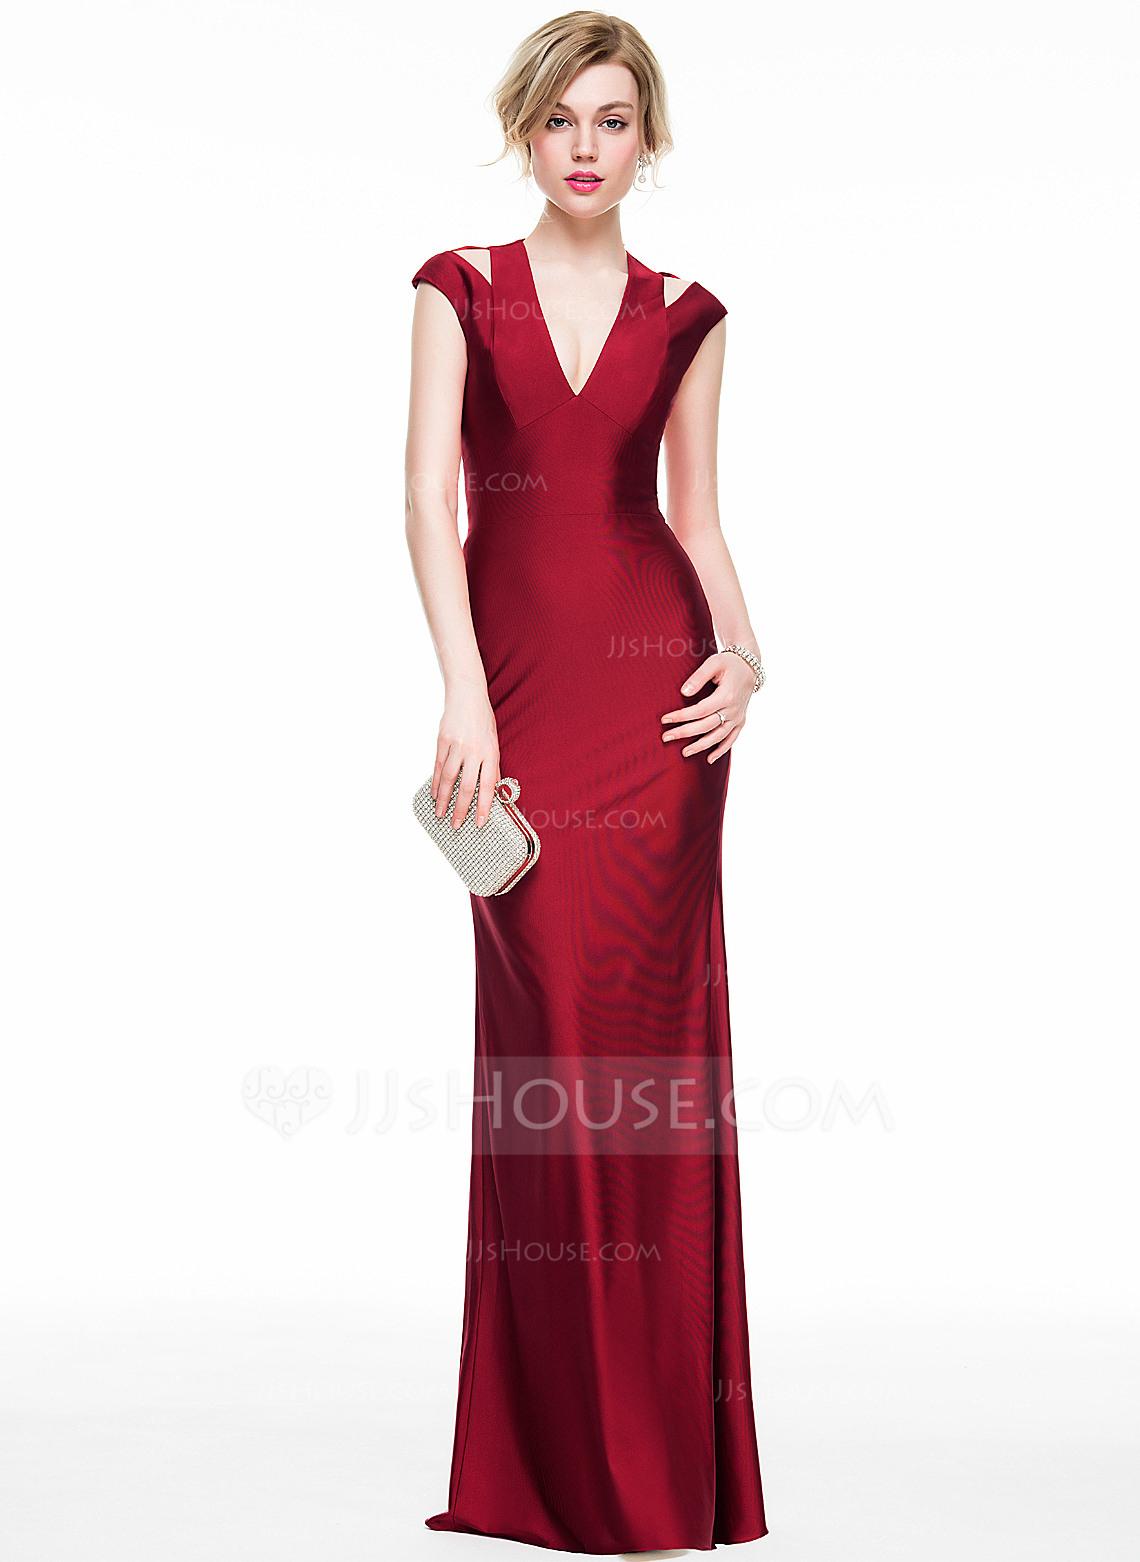 Perfekt Abendkleider Jj Design17 Einfach Abendkleider Jj Bester Preis